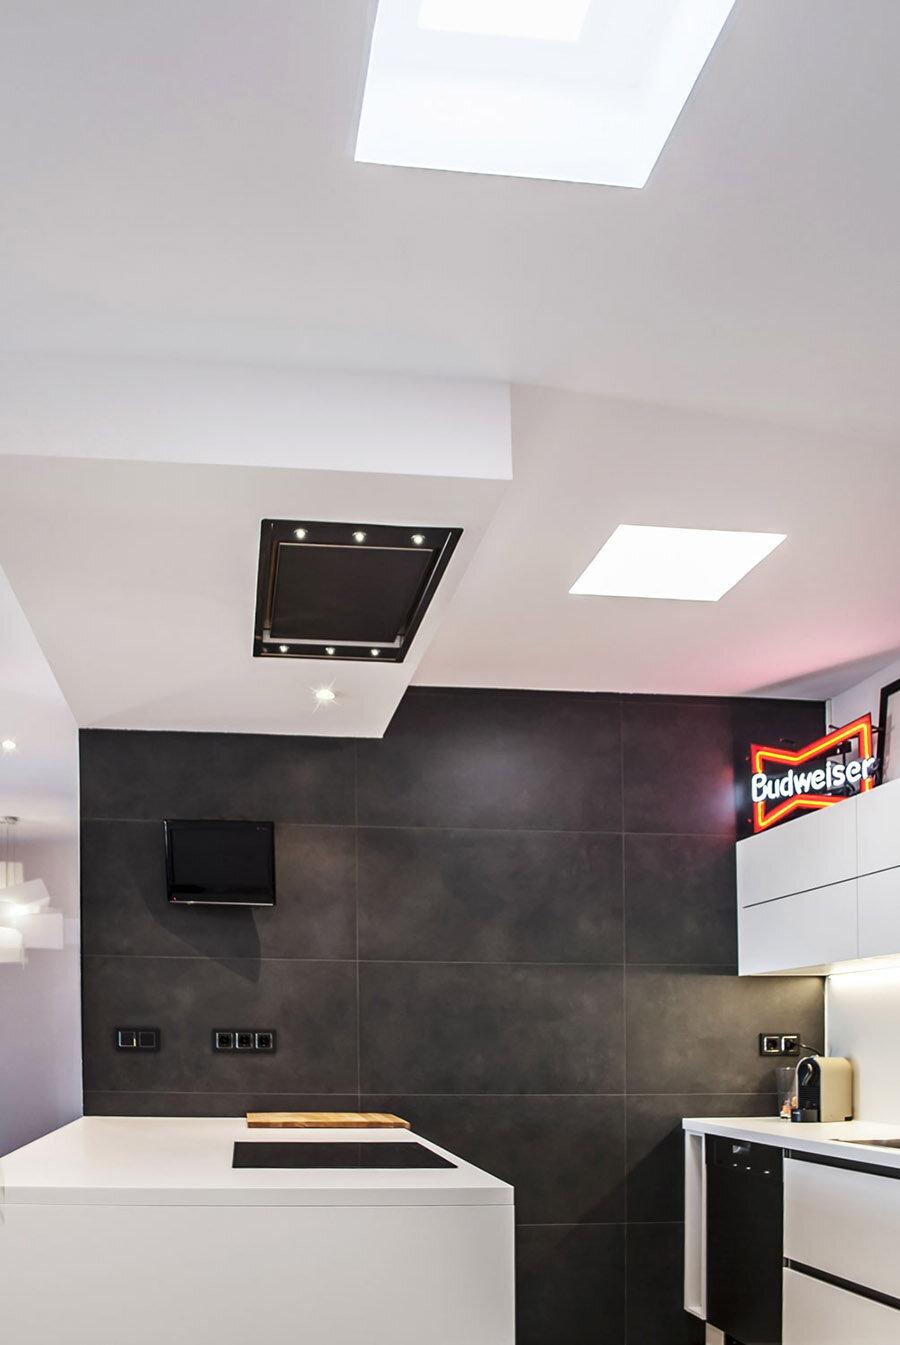 Vista de la cocina, con el espacio de la escalera al fondo y los lucernarios artificiales encendidos en el falso techo.